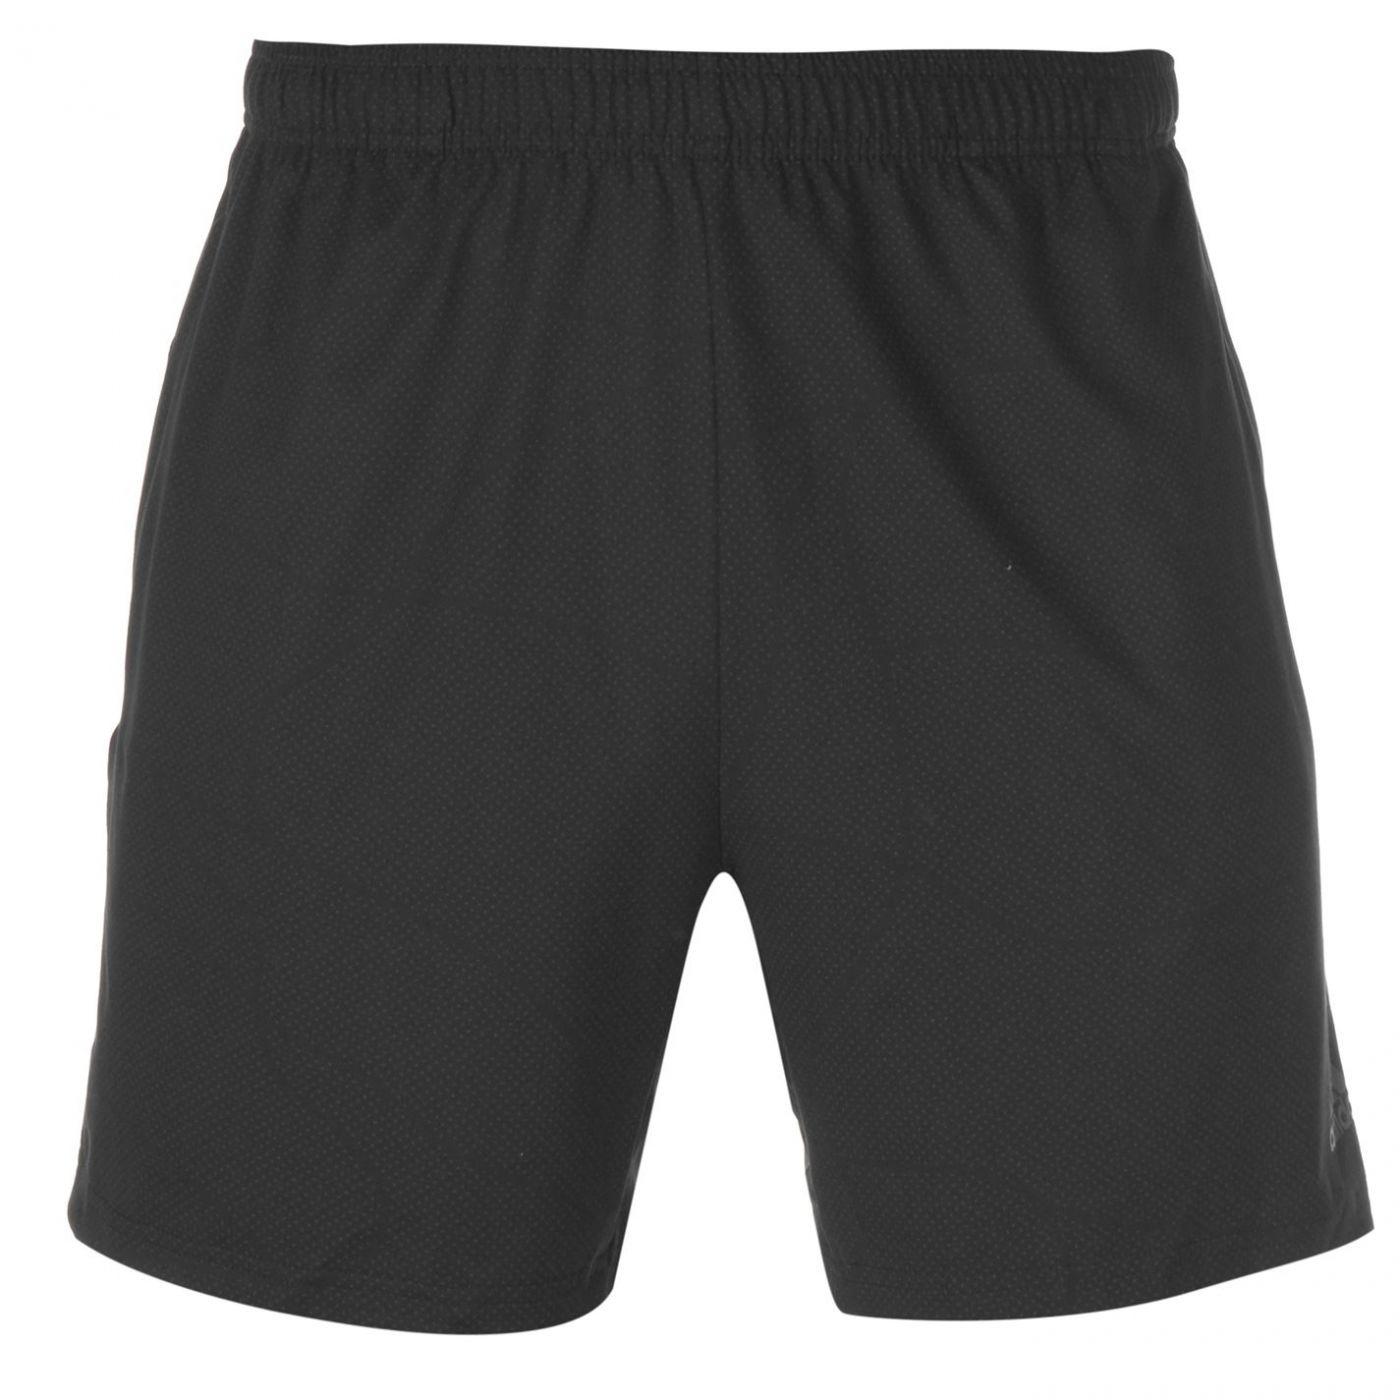 Adidas 4K Tech Shorts Mens